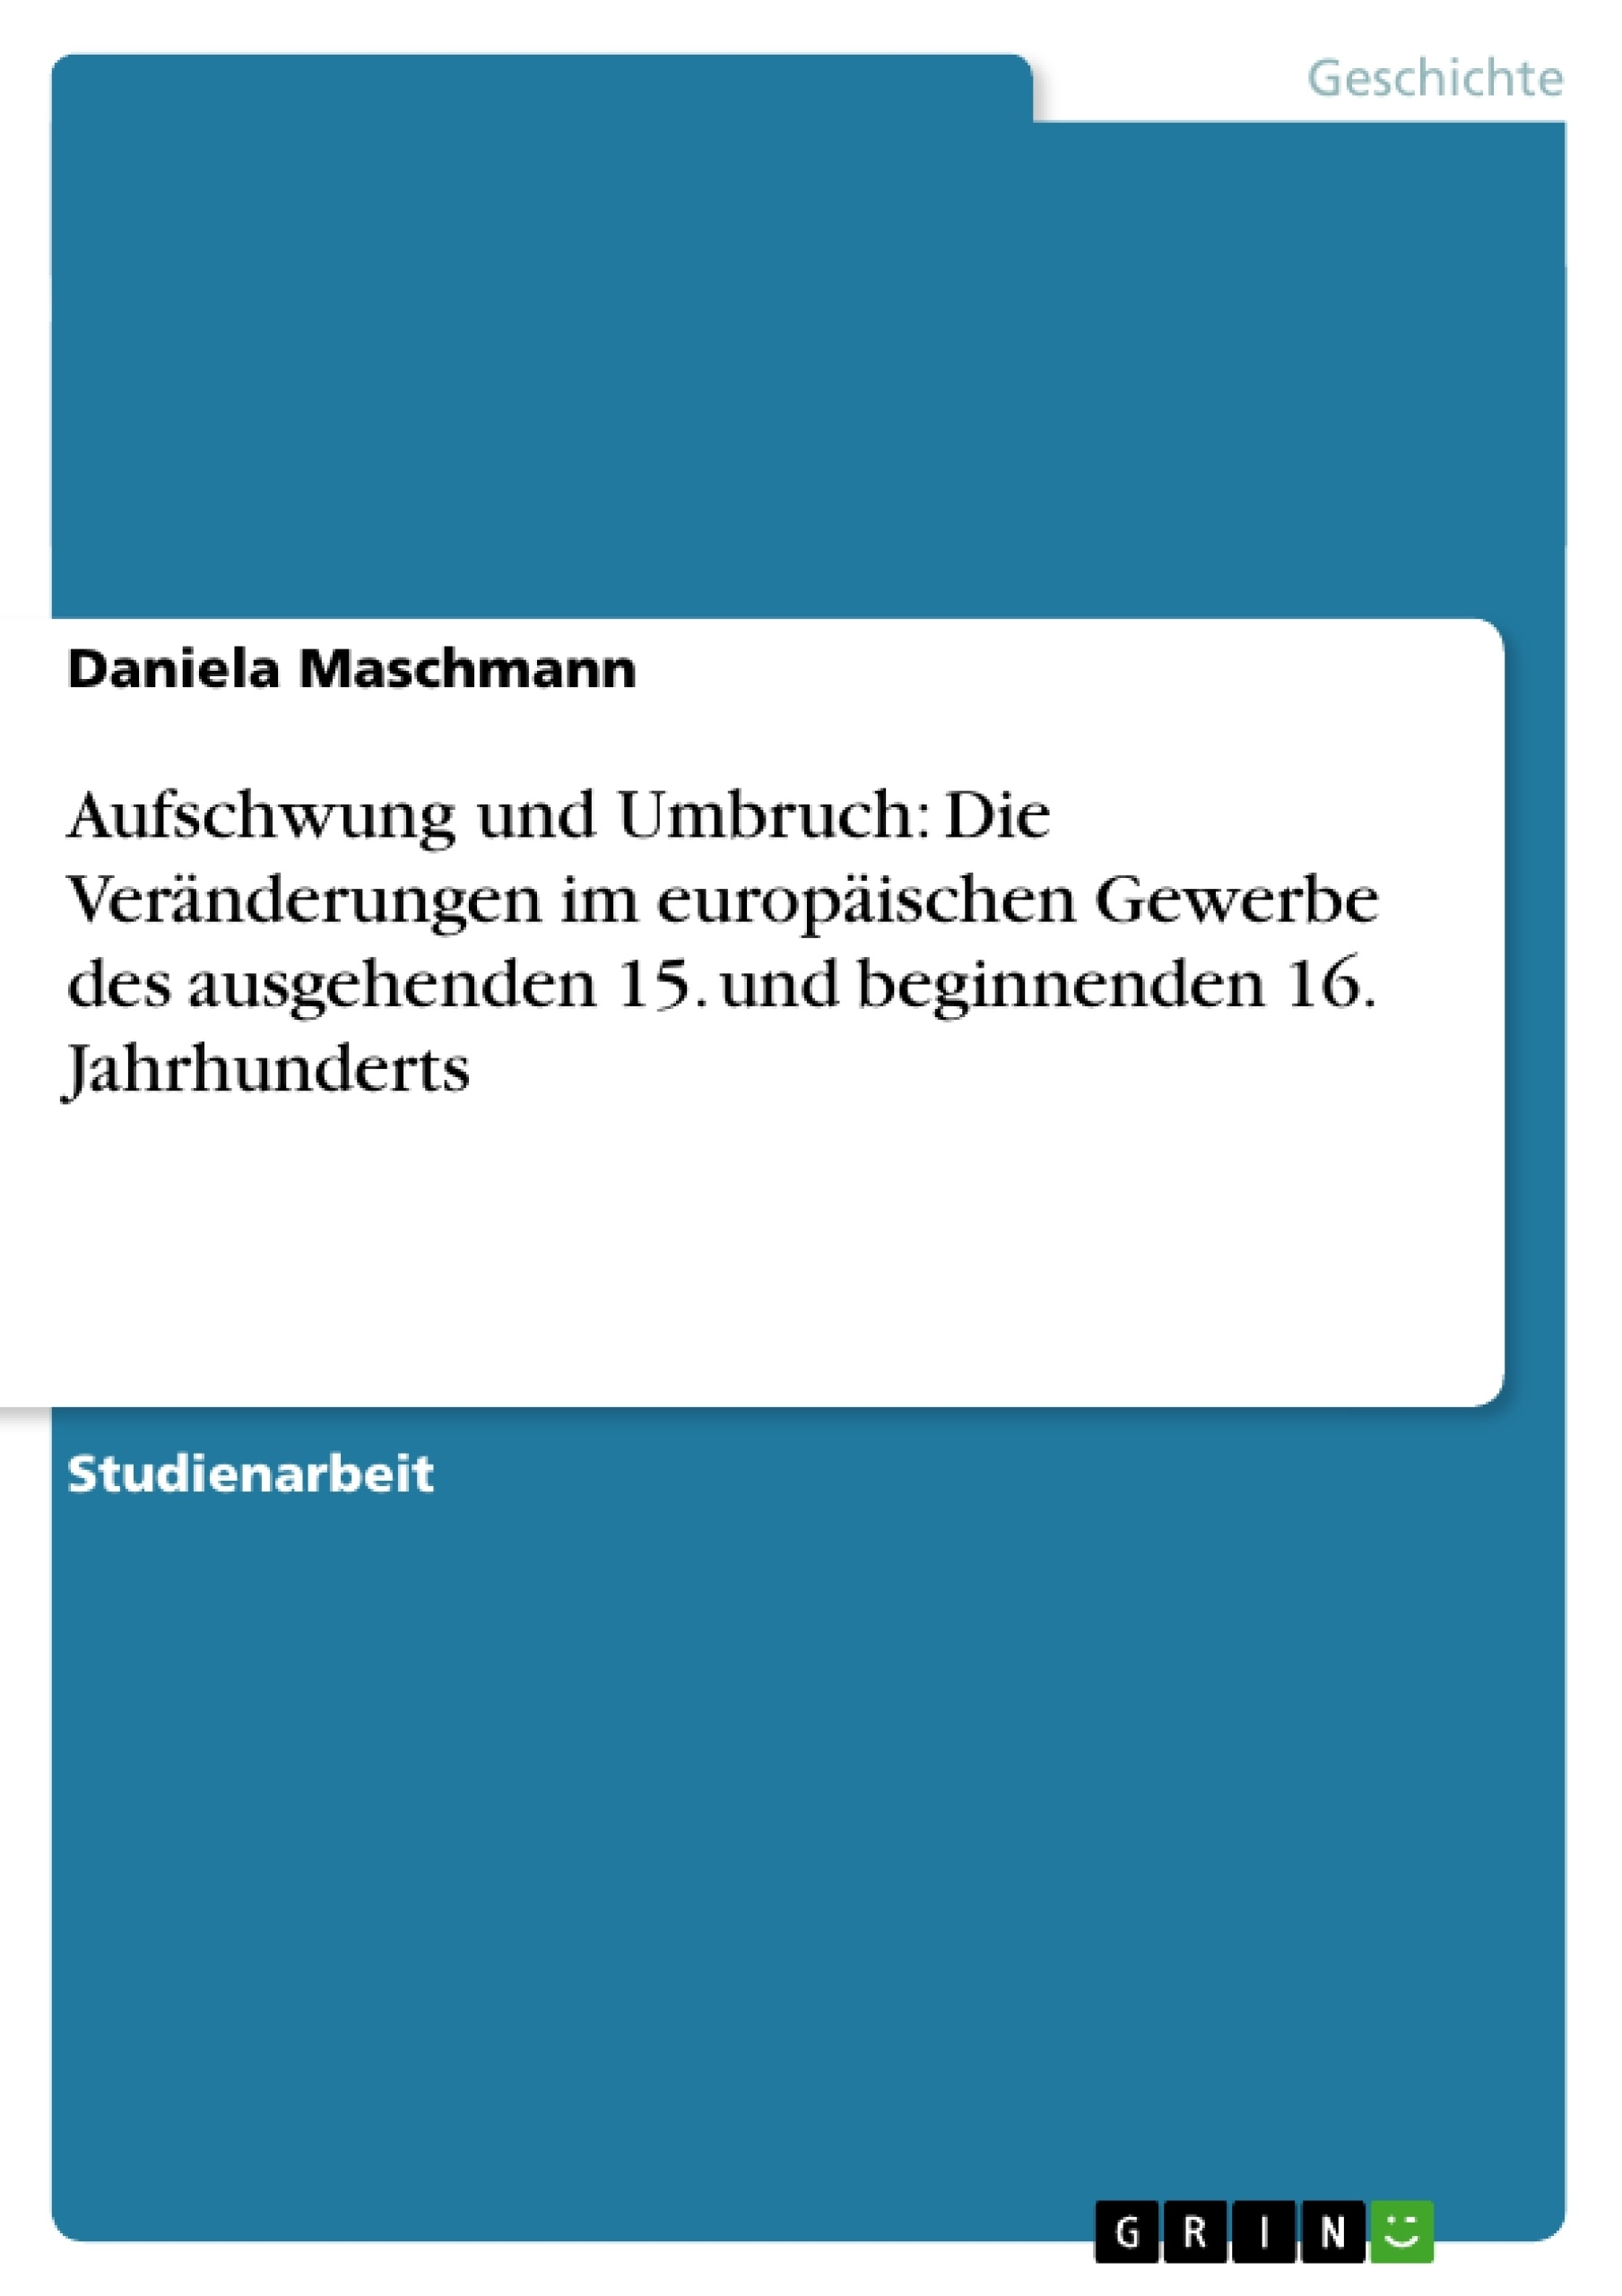 Titel: Aufschwung und Umbruch: Die Veränderungen im europäischen Gewerbe des ausgehenden 15. und beginnenden 16. Jahrhunderts